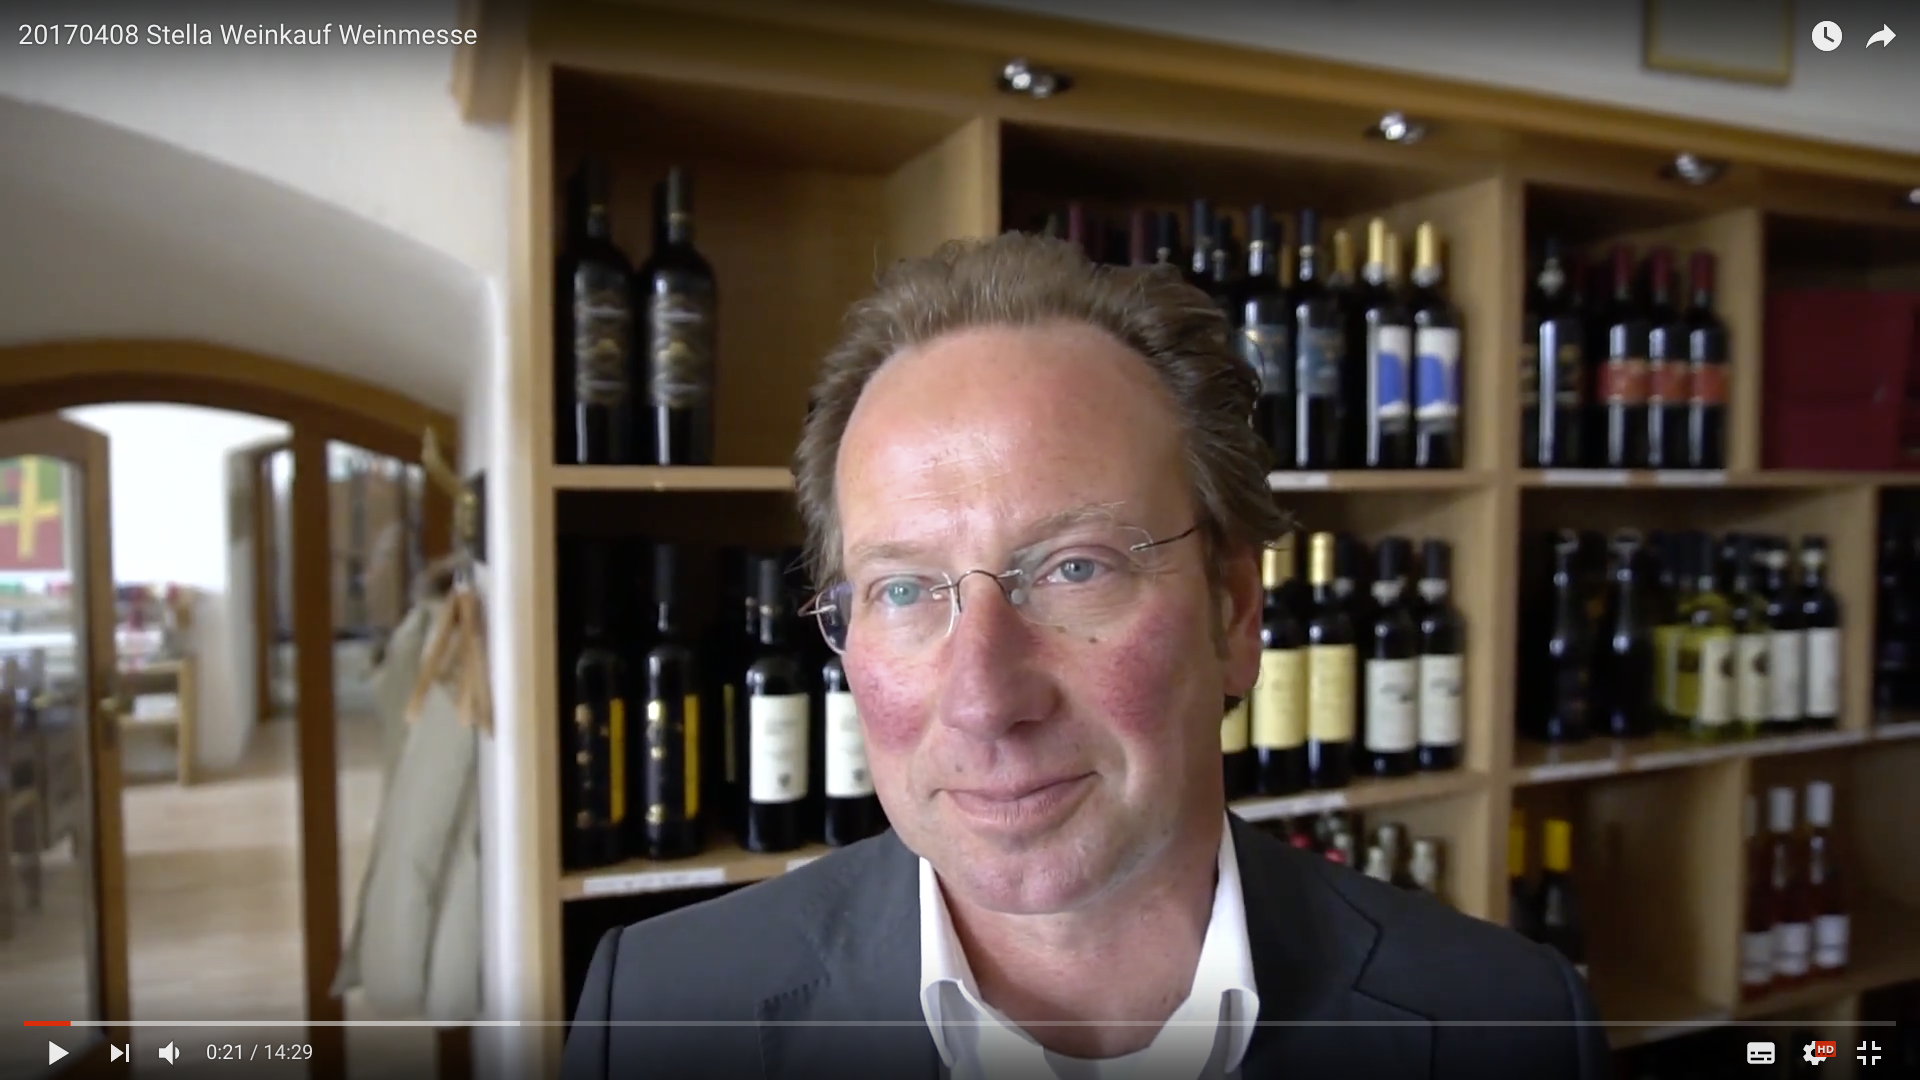 2017 Stella Weinkauff Ralf Weinkauff Weinmesse_MSM_MEDIEN_SAAR_MOSEL_SAARLAND_FERNSEHEN_1_ED_SAAR